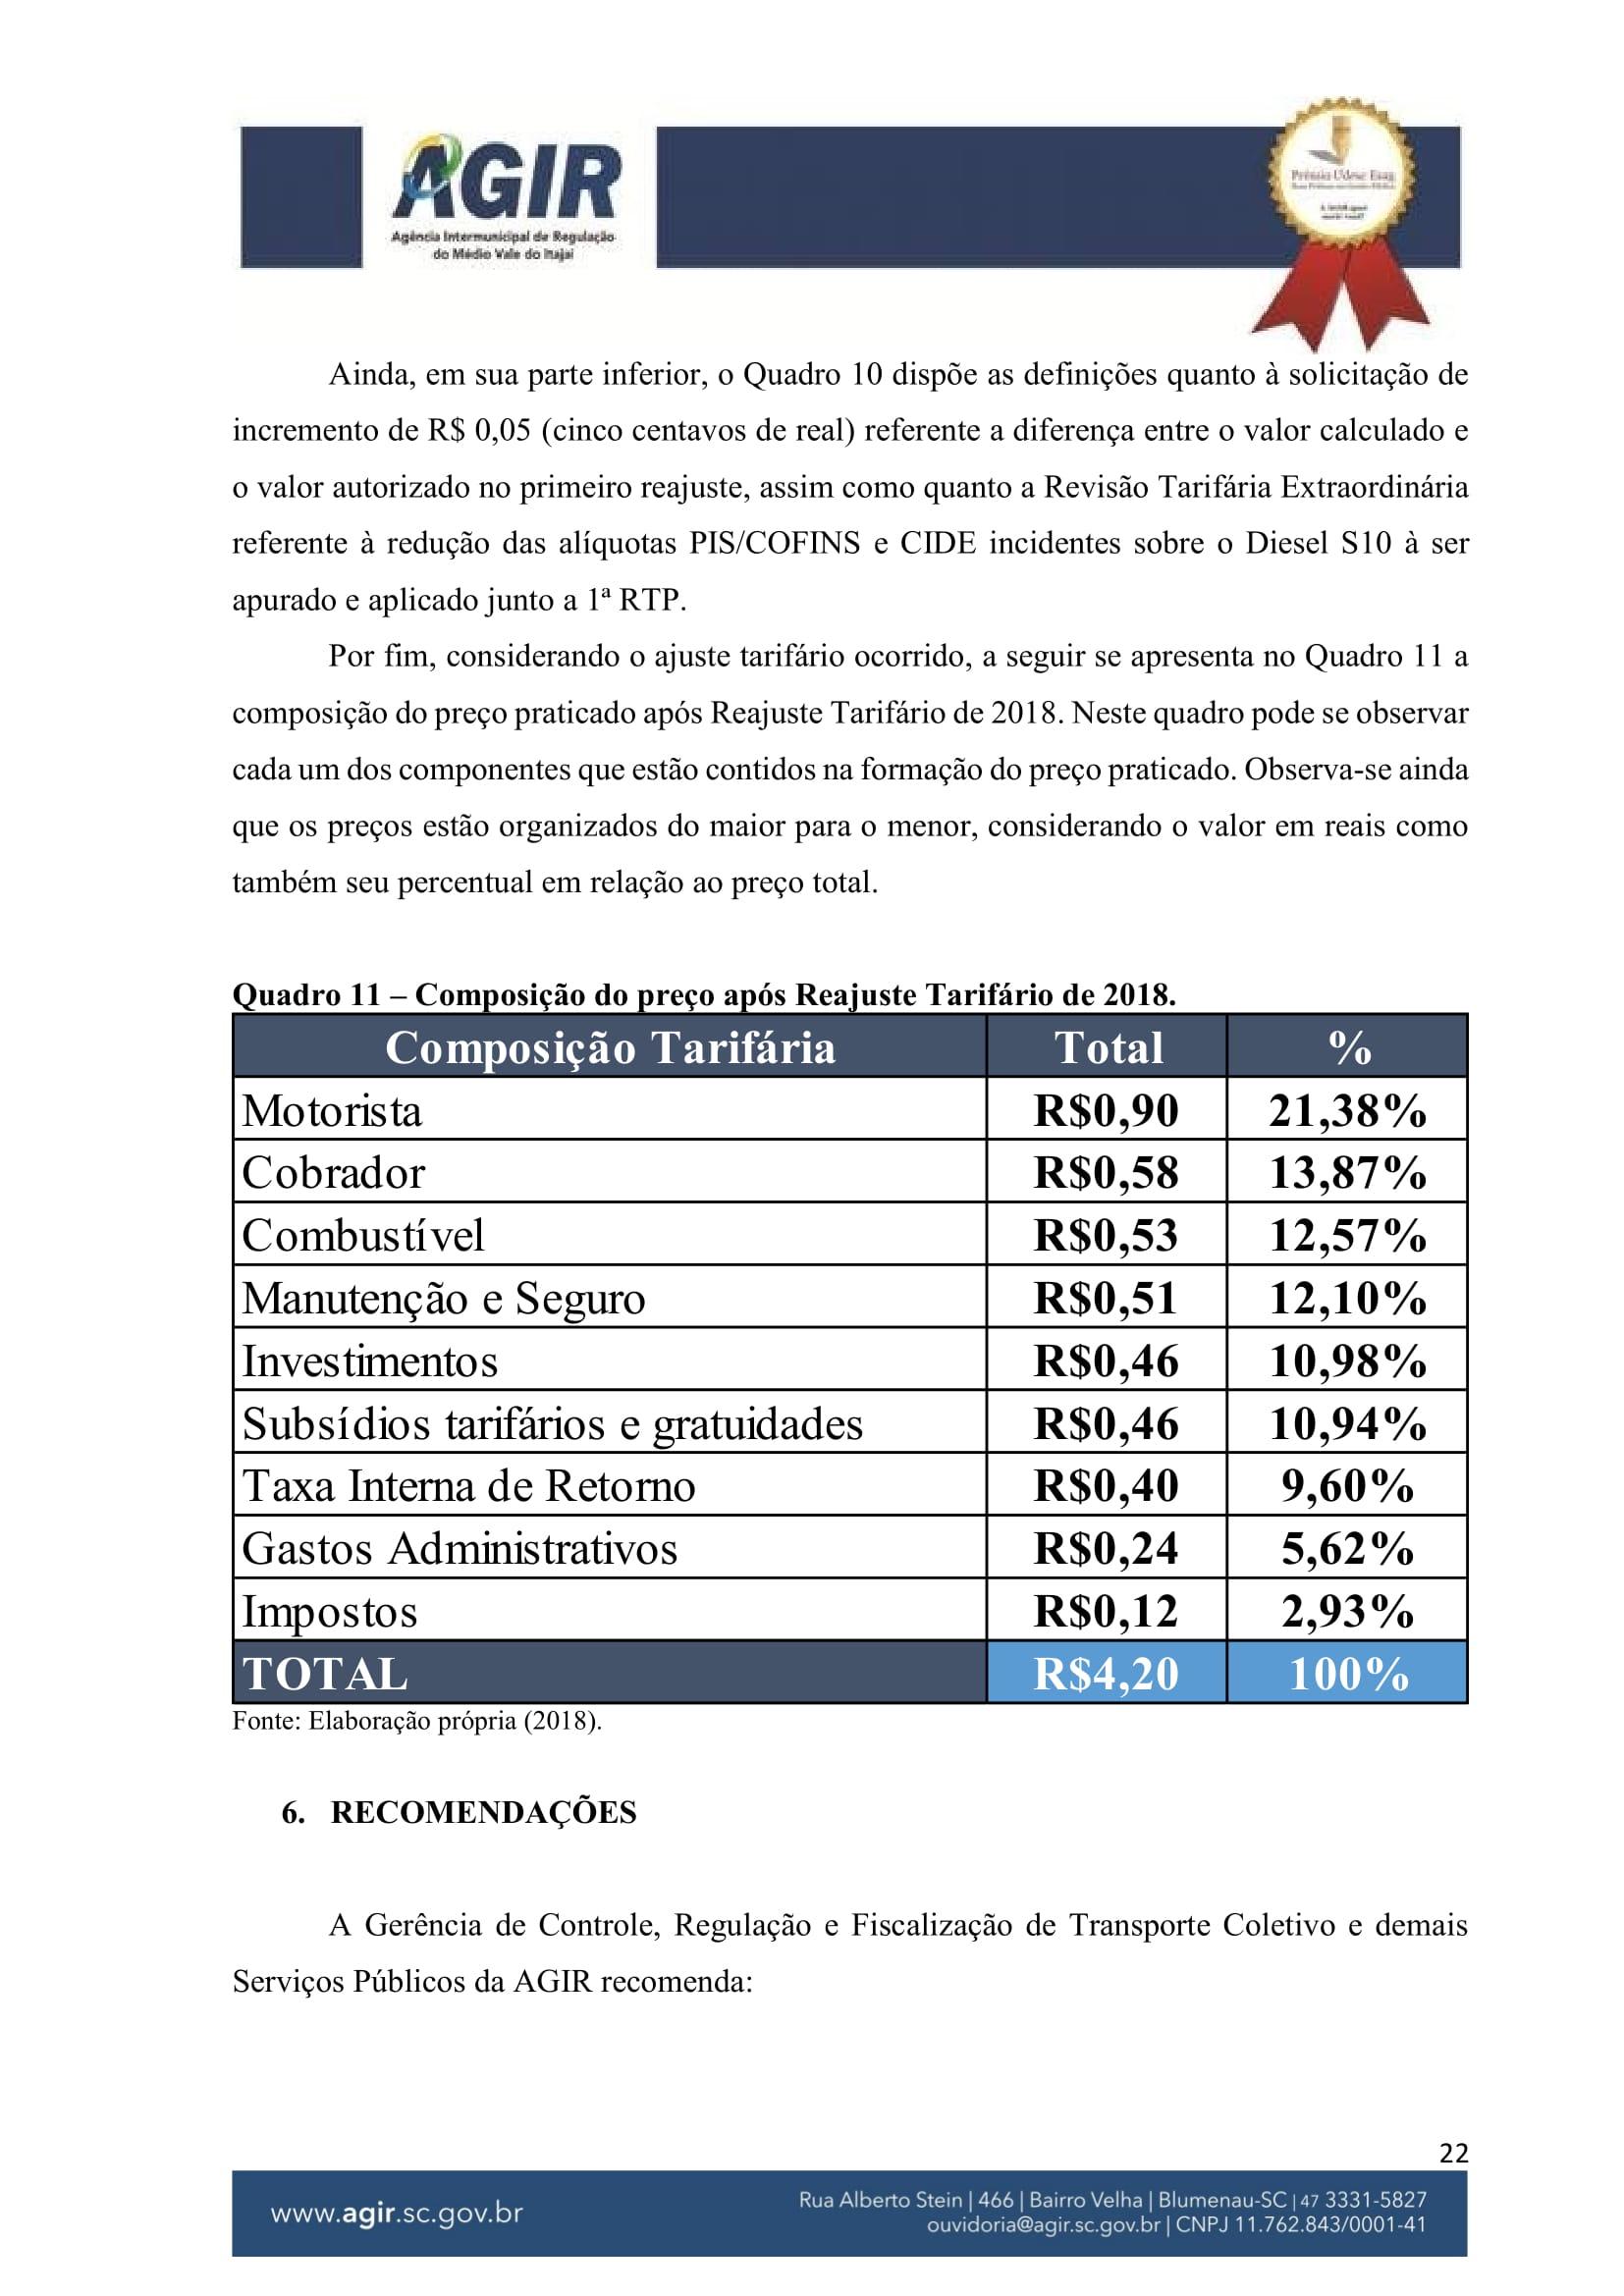 Parecer Administrativo nº 70-2018-22